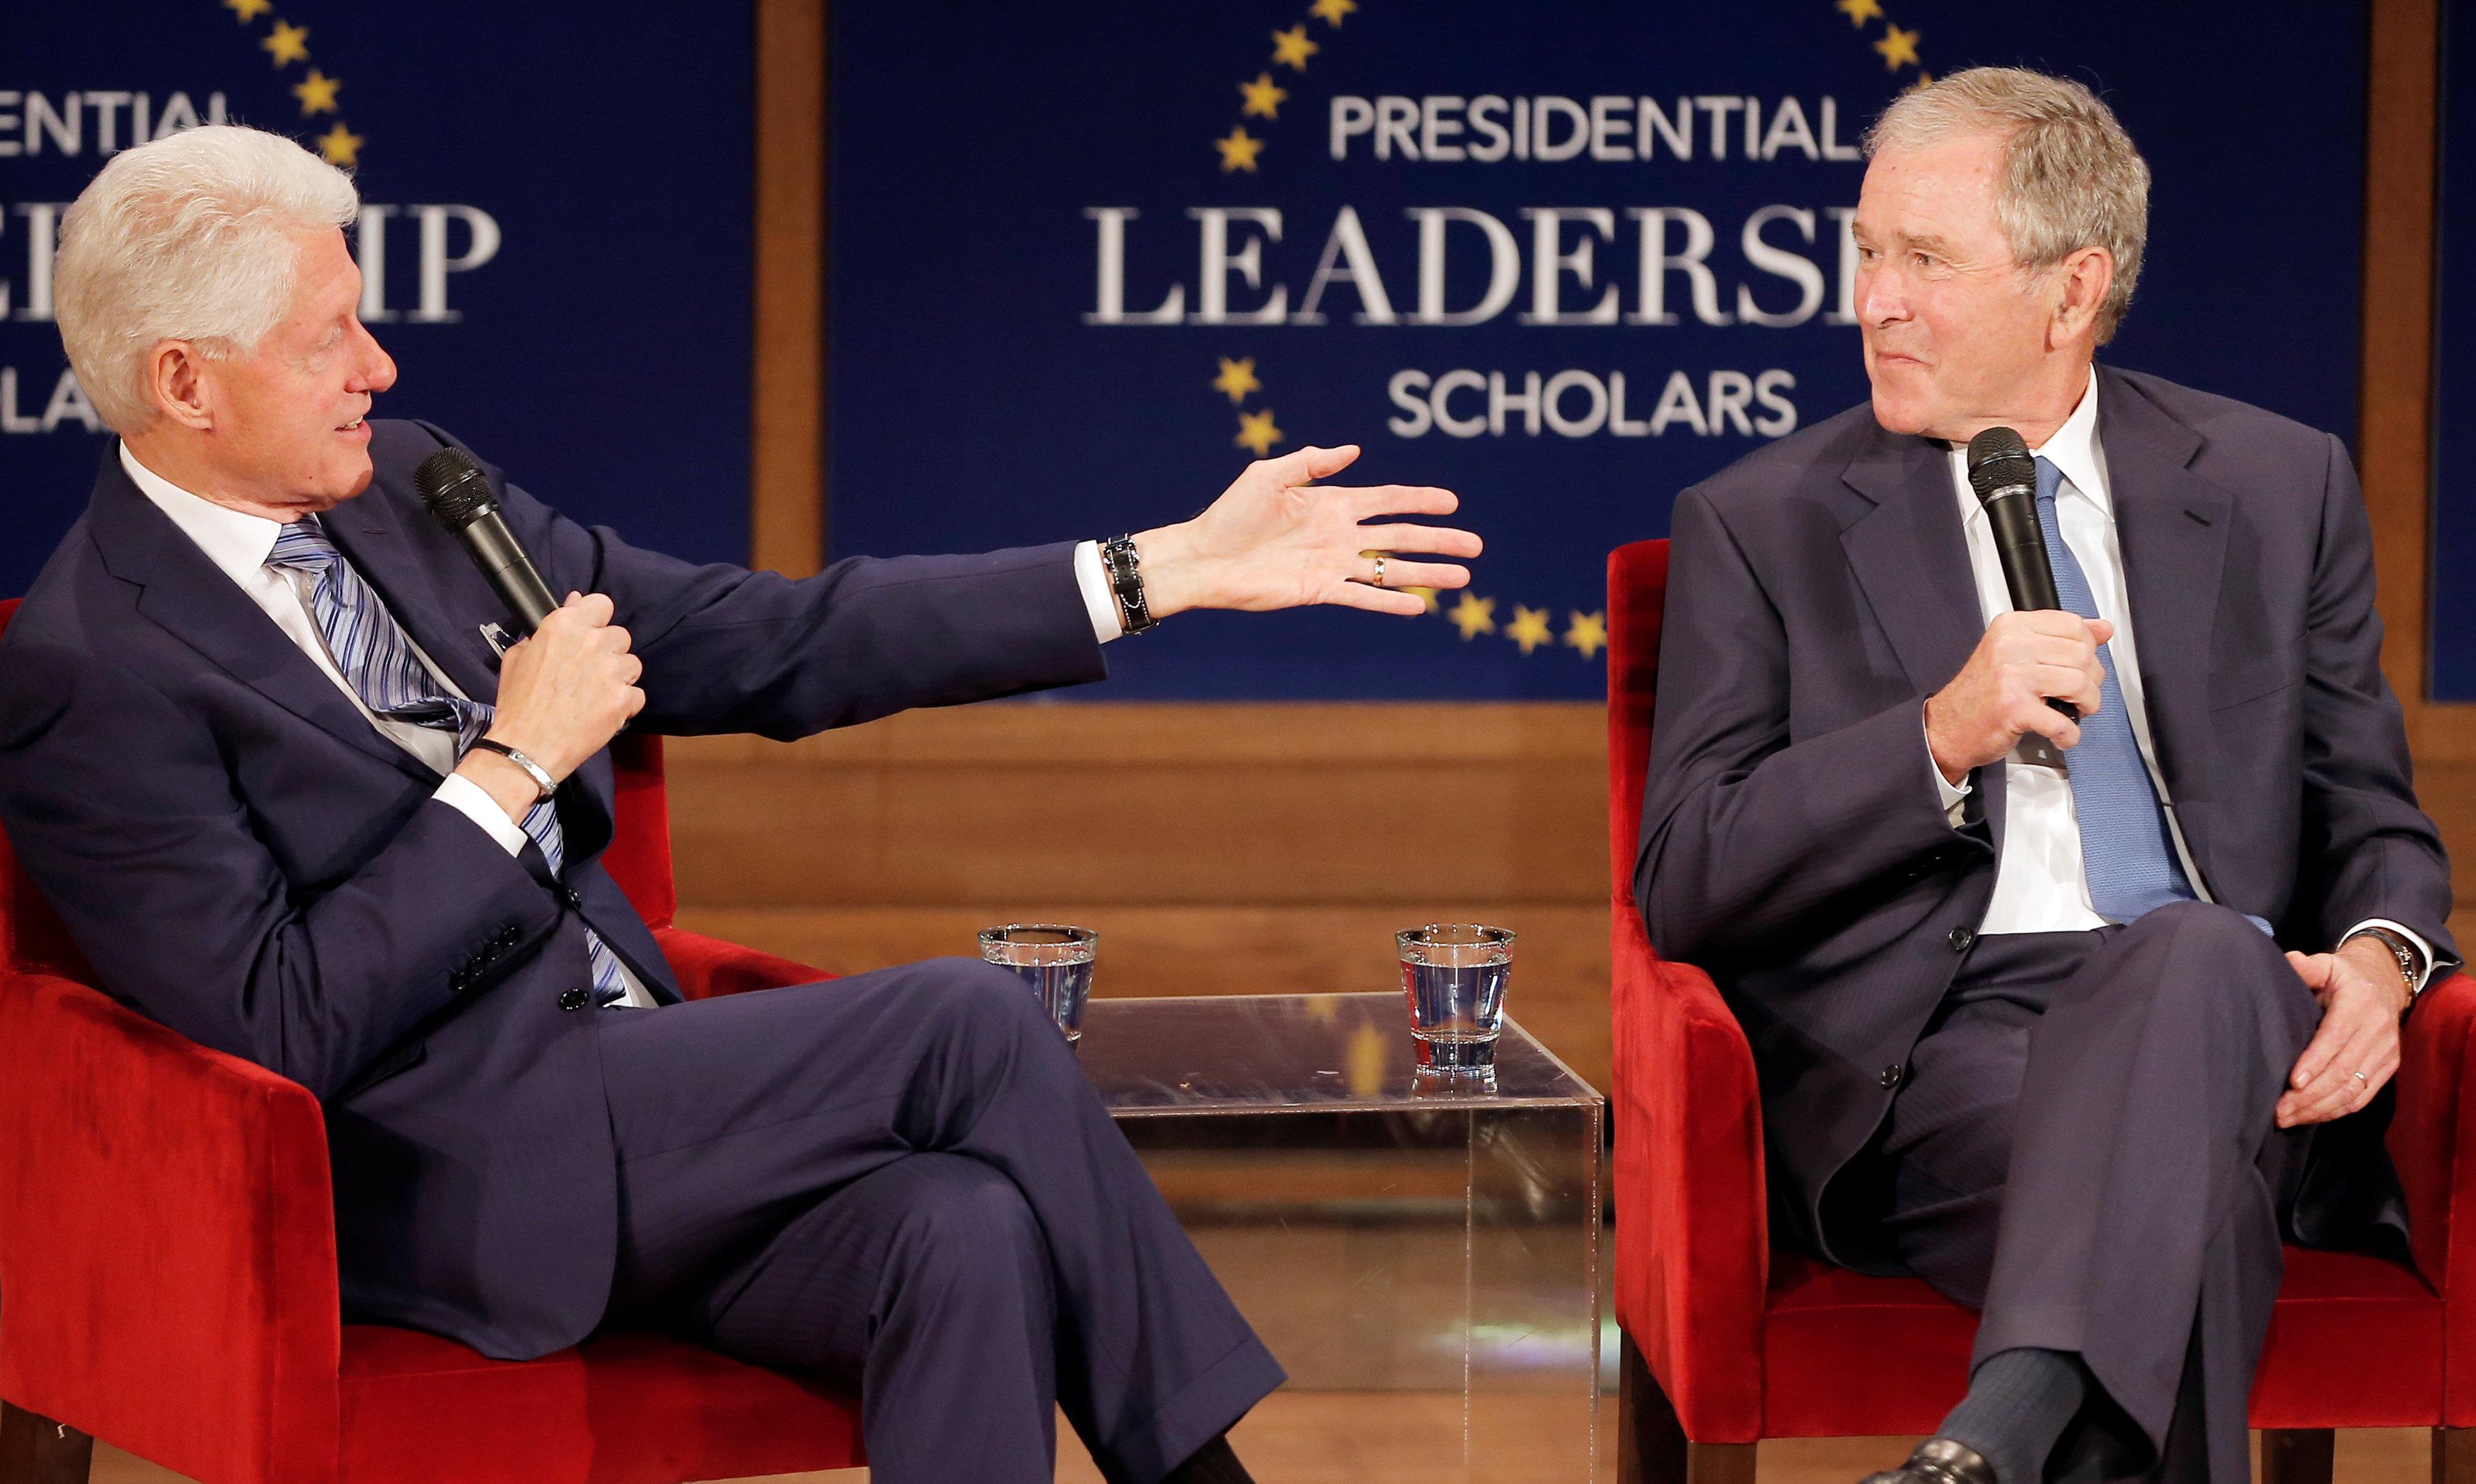 الرئيسان الأمريكيان السابقان جورج دبليو. بوش وبيل كلينتون